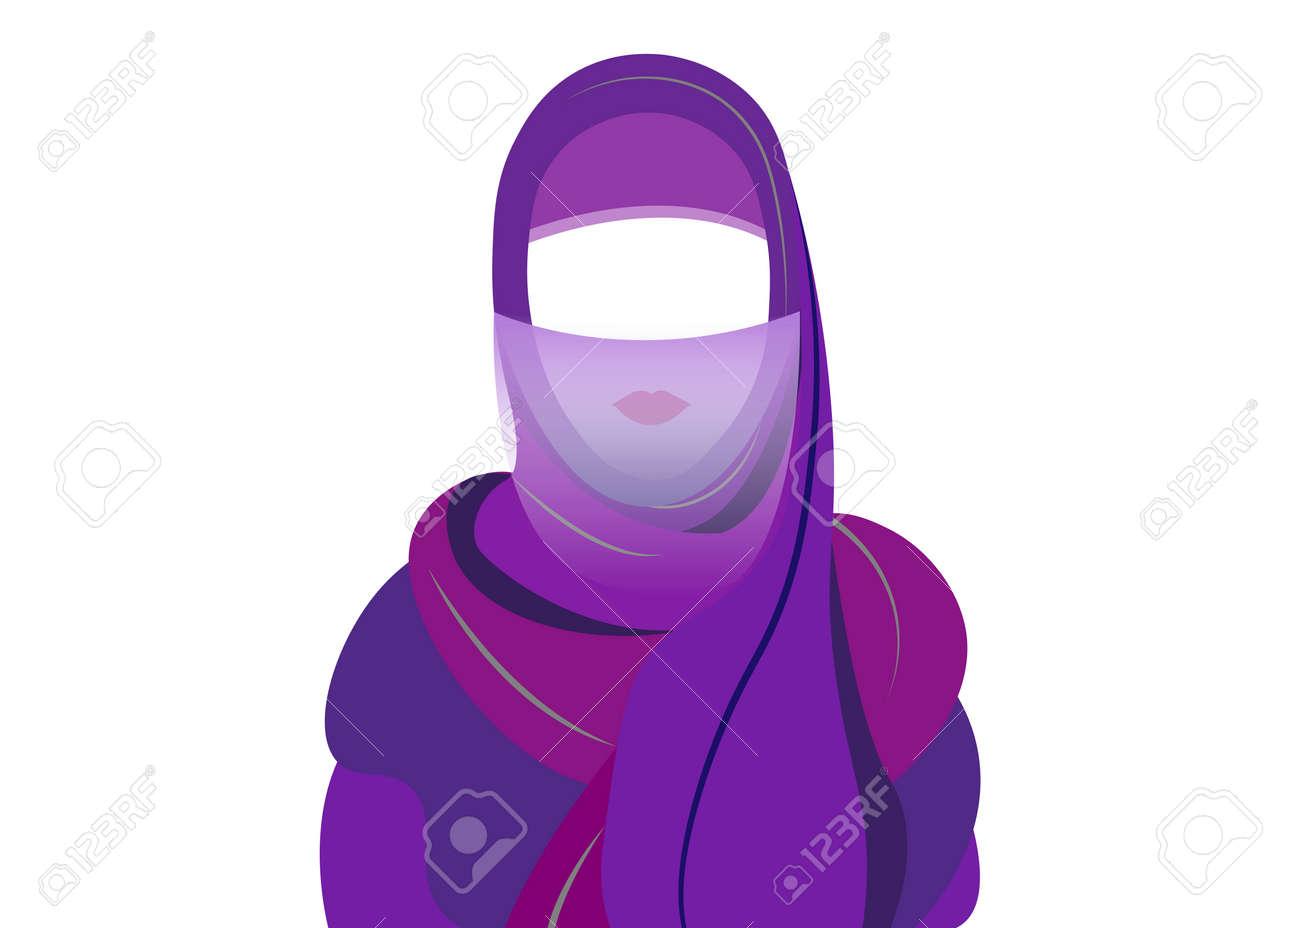 femme arabe dessin